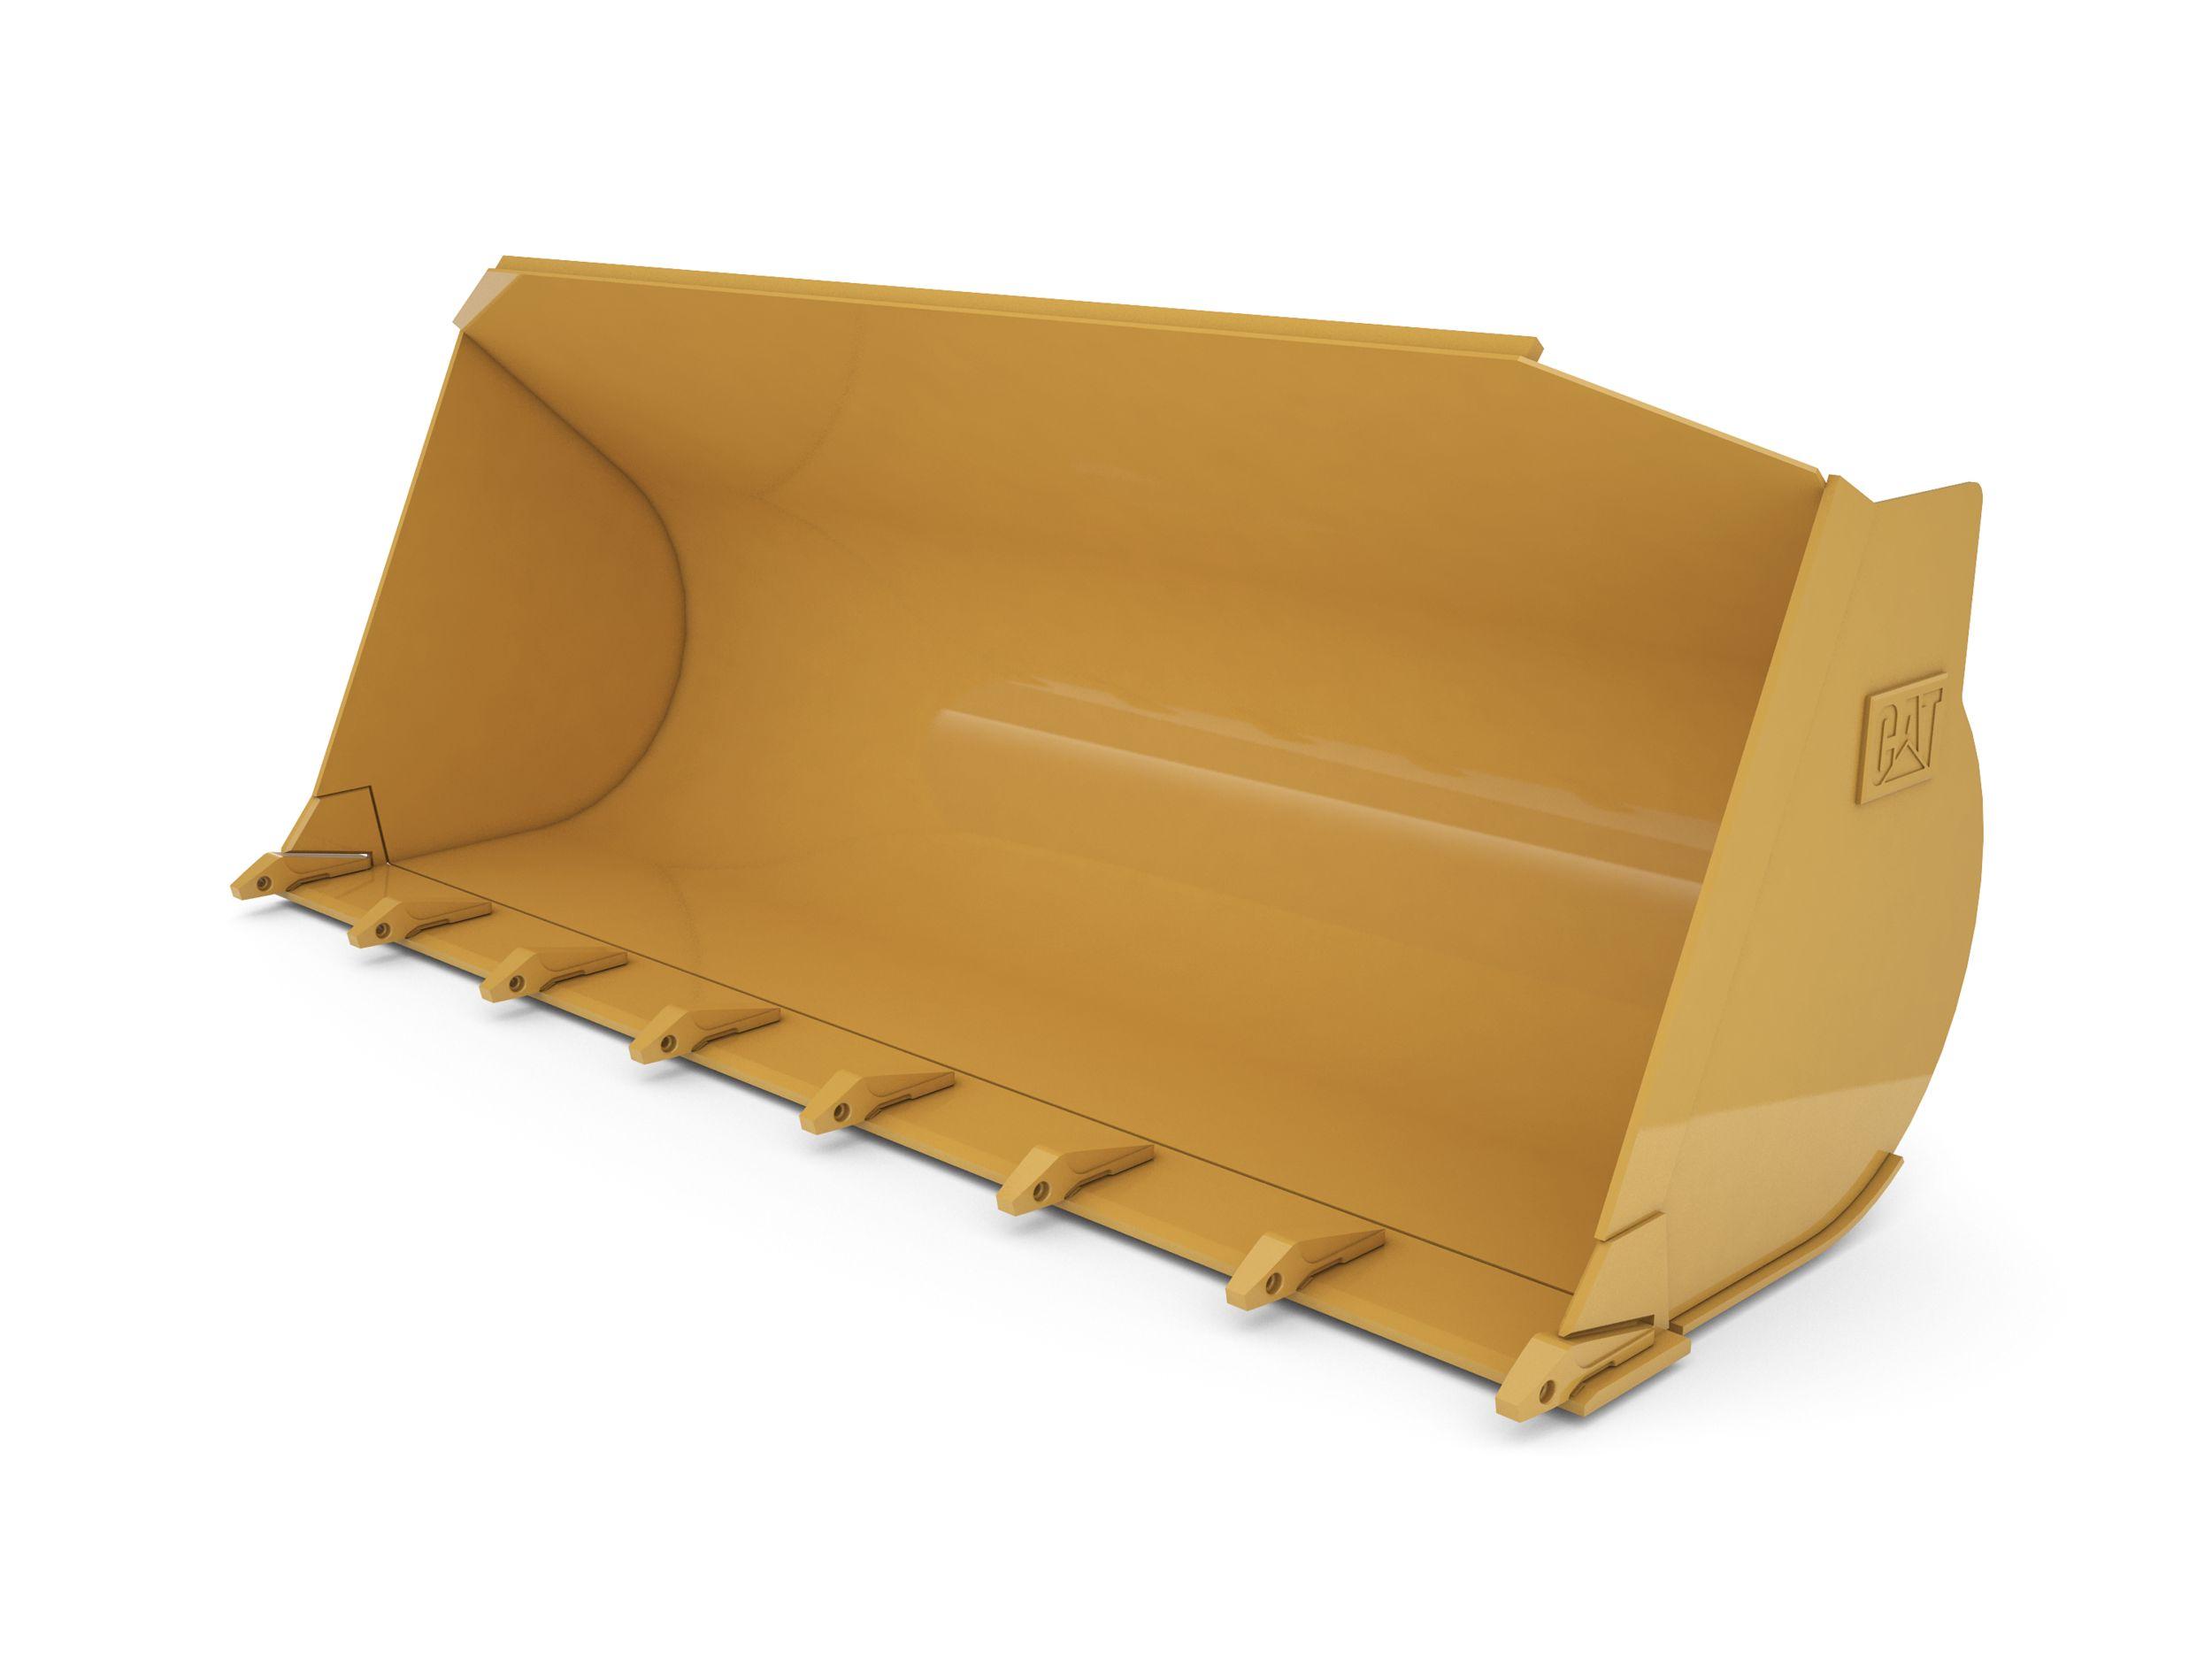 1.3 m3 (1.7 yd3) General Purpose Bucket